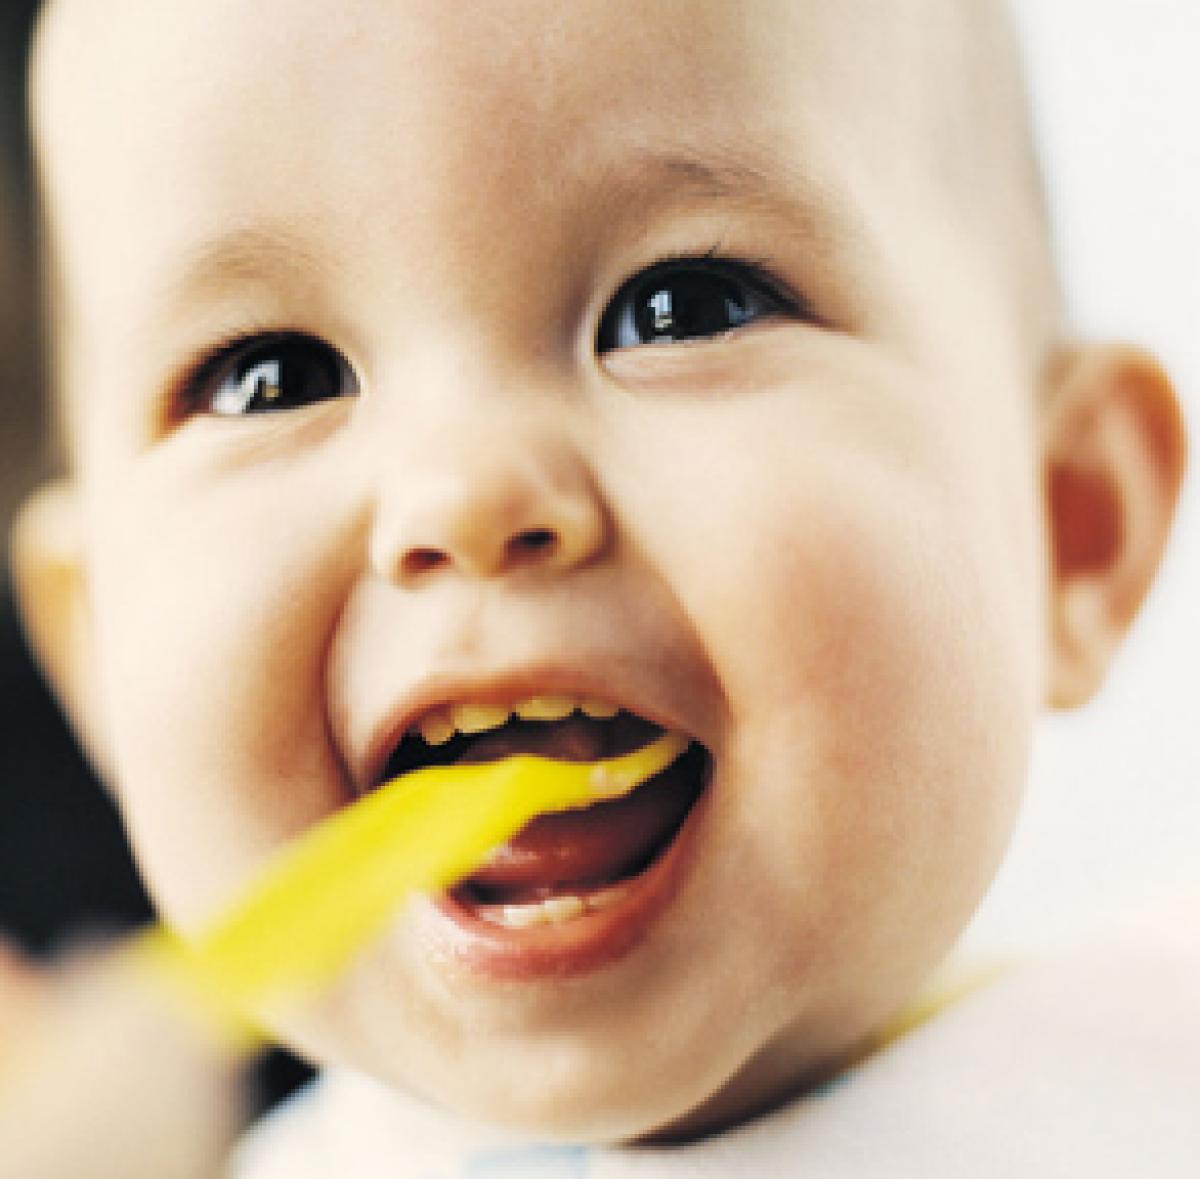 Πυρετός λόγω δοντιών: υπάρχει;